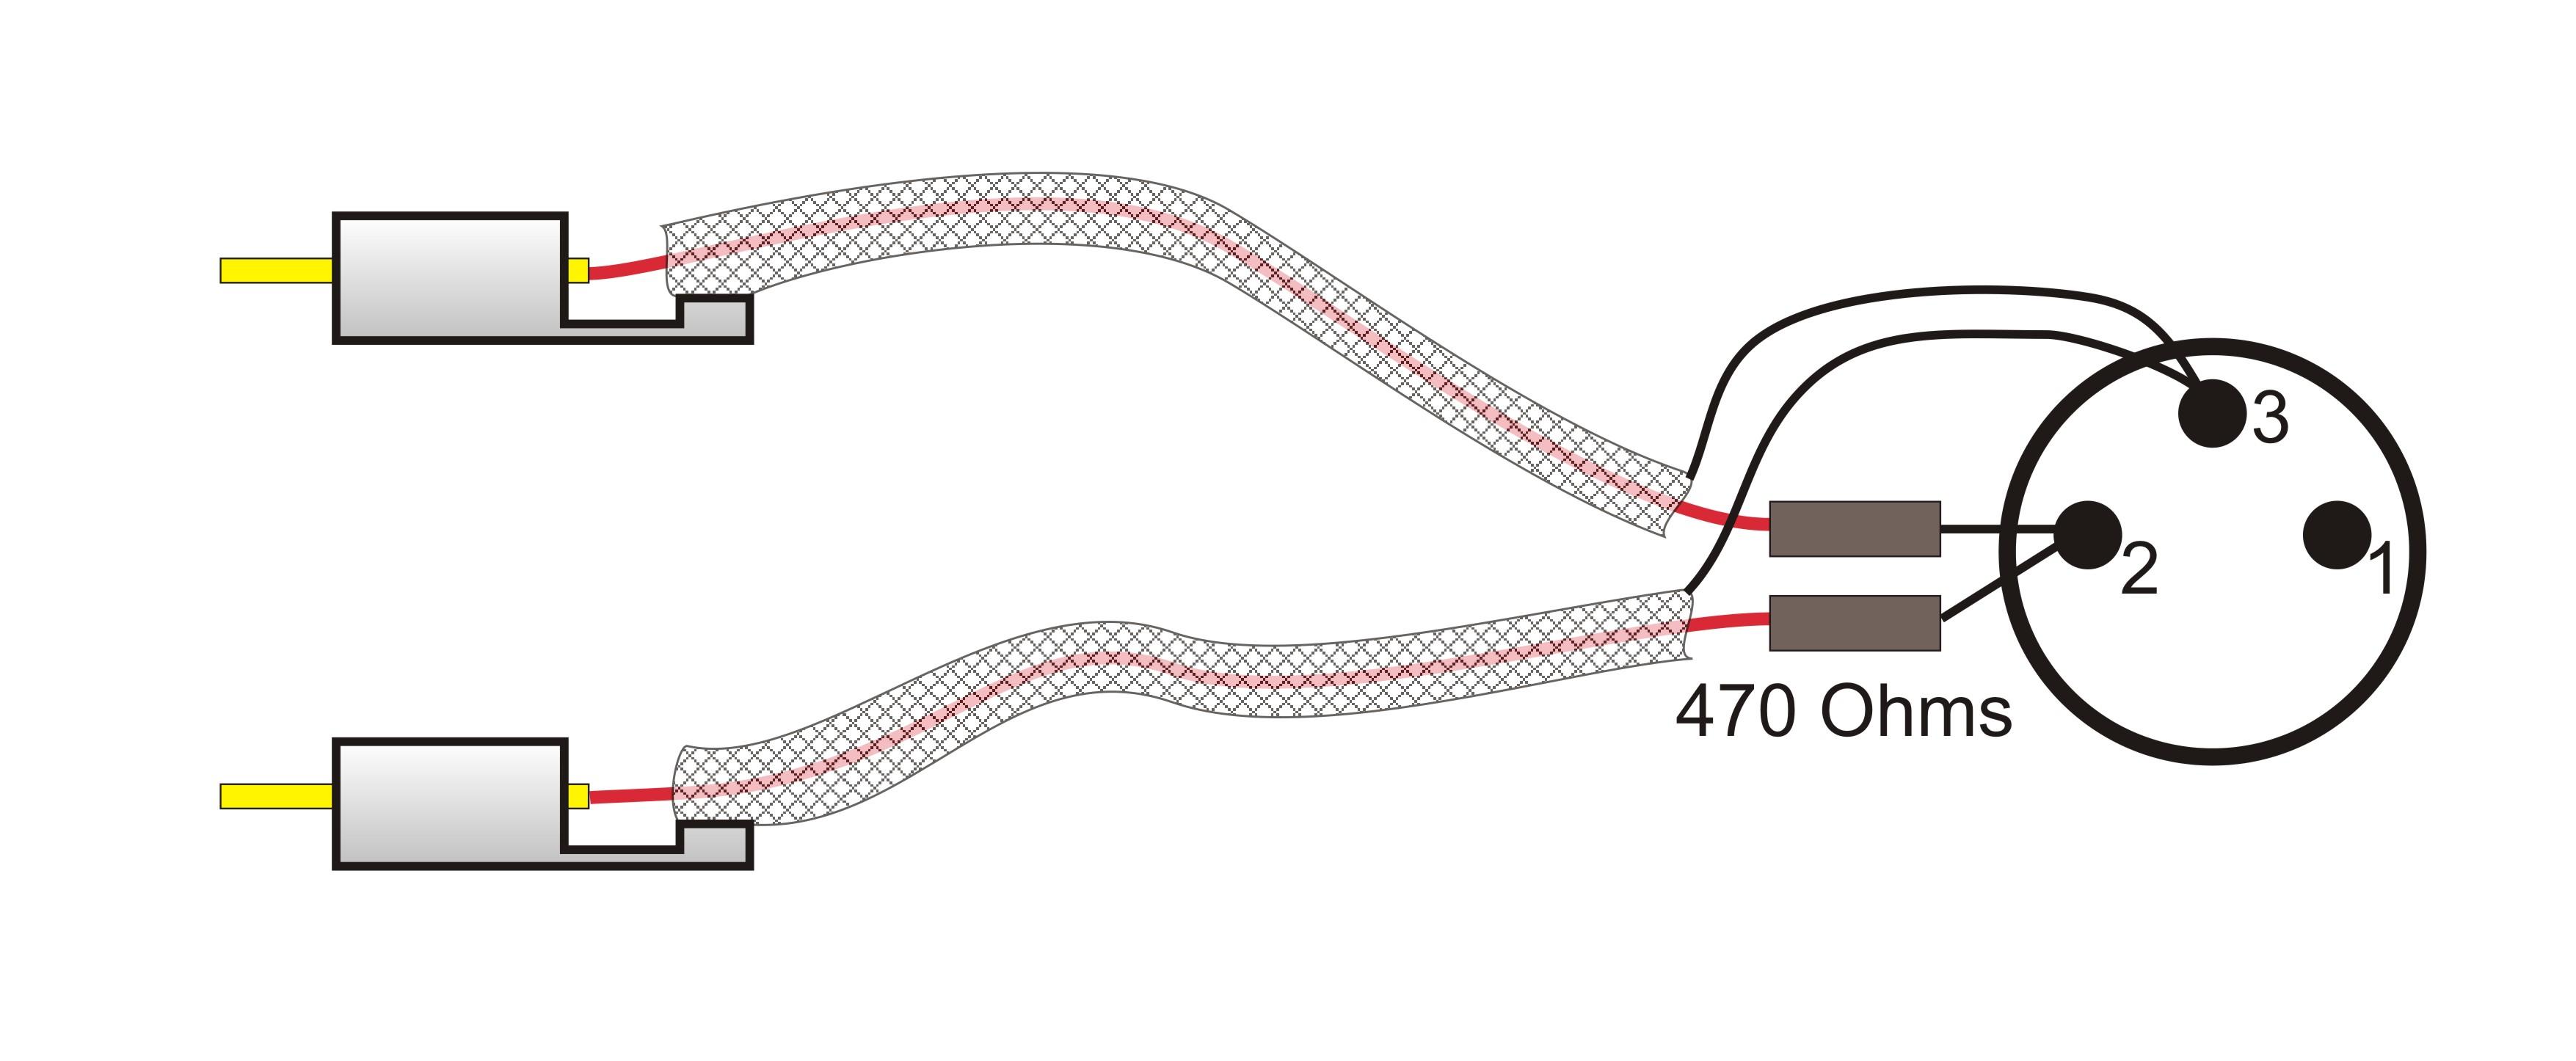 30 Xlr To Mono Jack Wiring Diagram